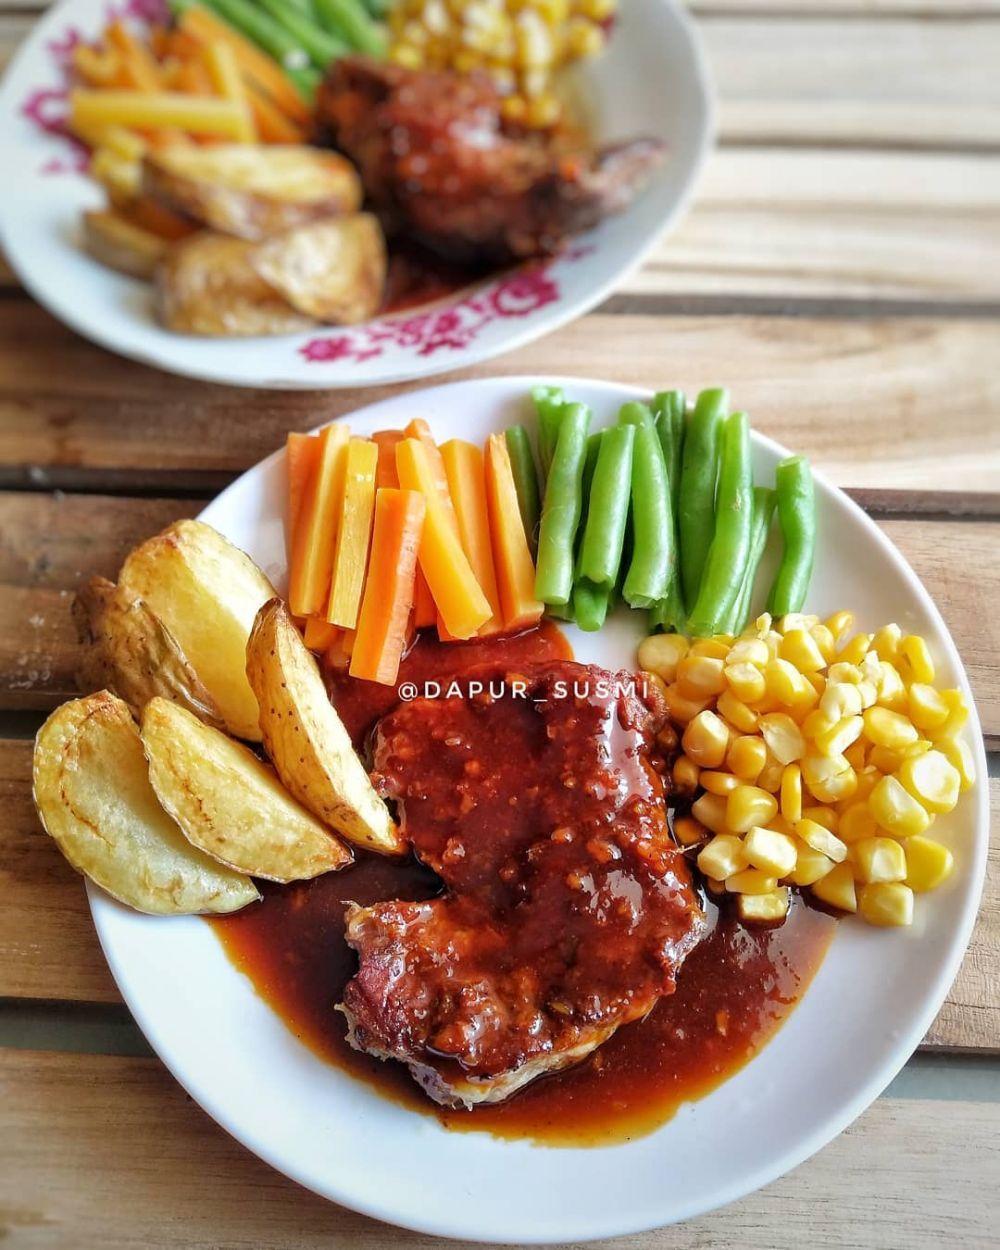 Resep Masakan Saus Barbeque Instagram Resep Masakan Makan Malam Masakan